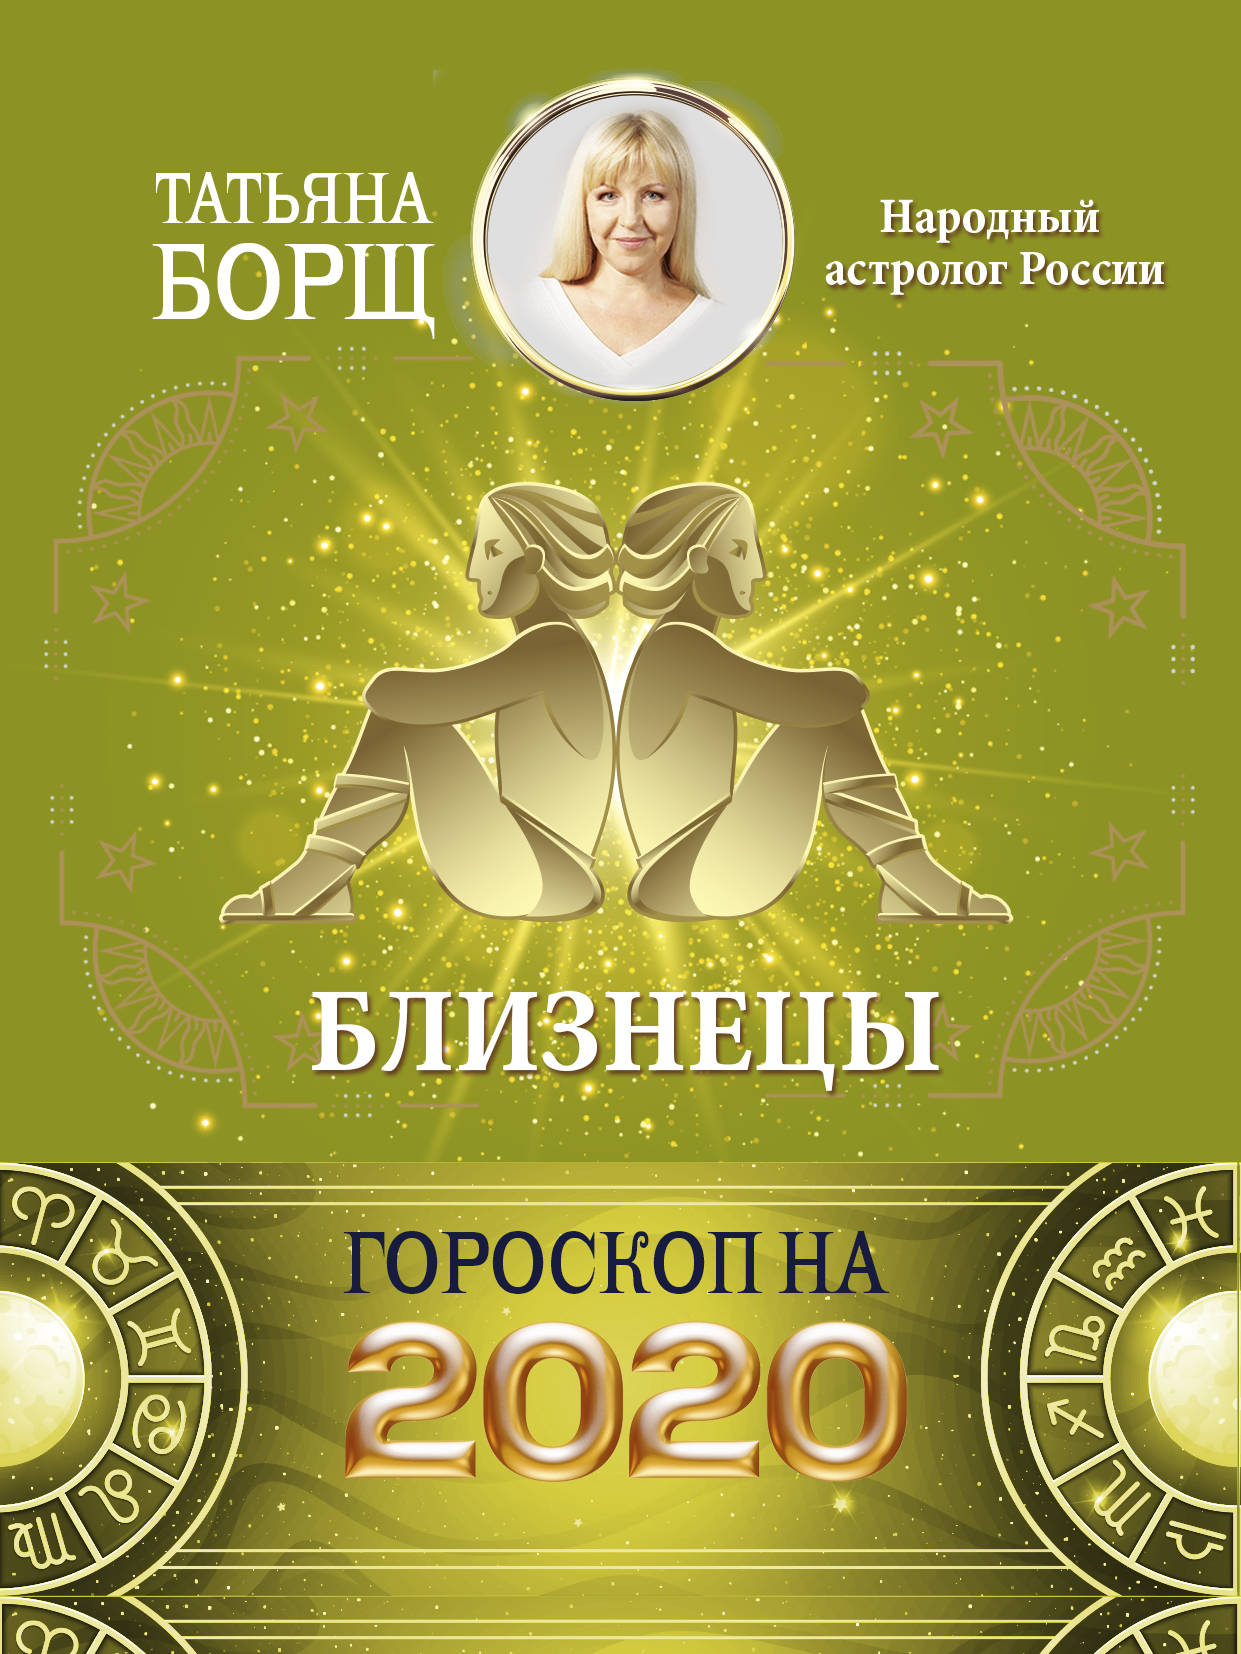 Борщ Татьяна БЛИЗНЕЦЫ. Гороскоп на 2020 год